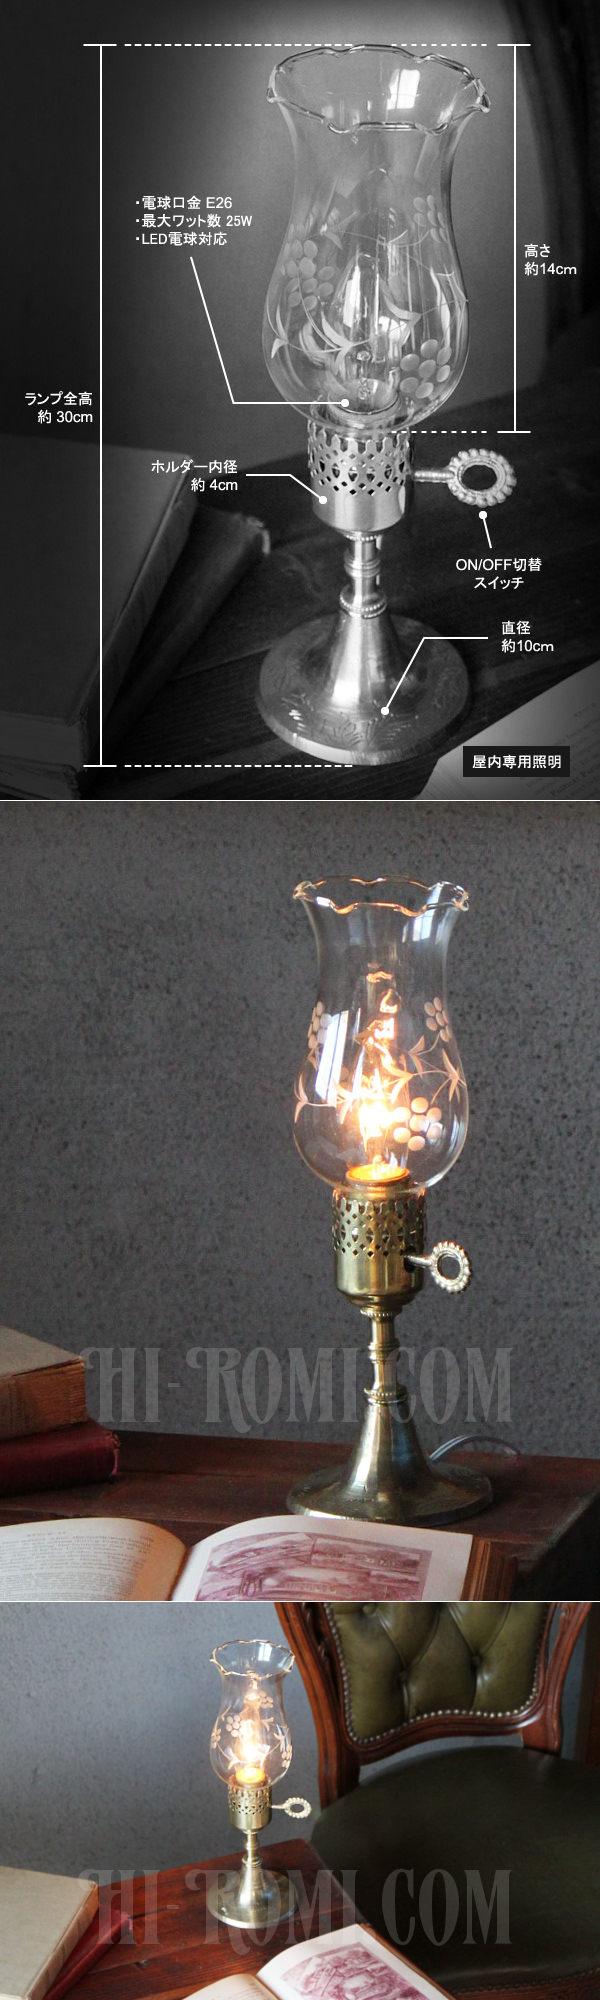 ヴィンテージホブネイル真鍮製鍵スイッチ付きガラス製フリルチムニーのテーブルランプ/アンティークハリケーンライト真鍮照明